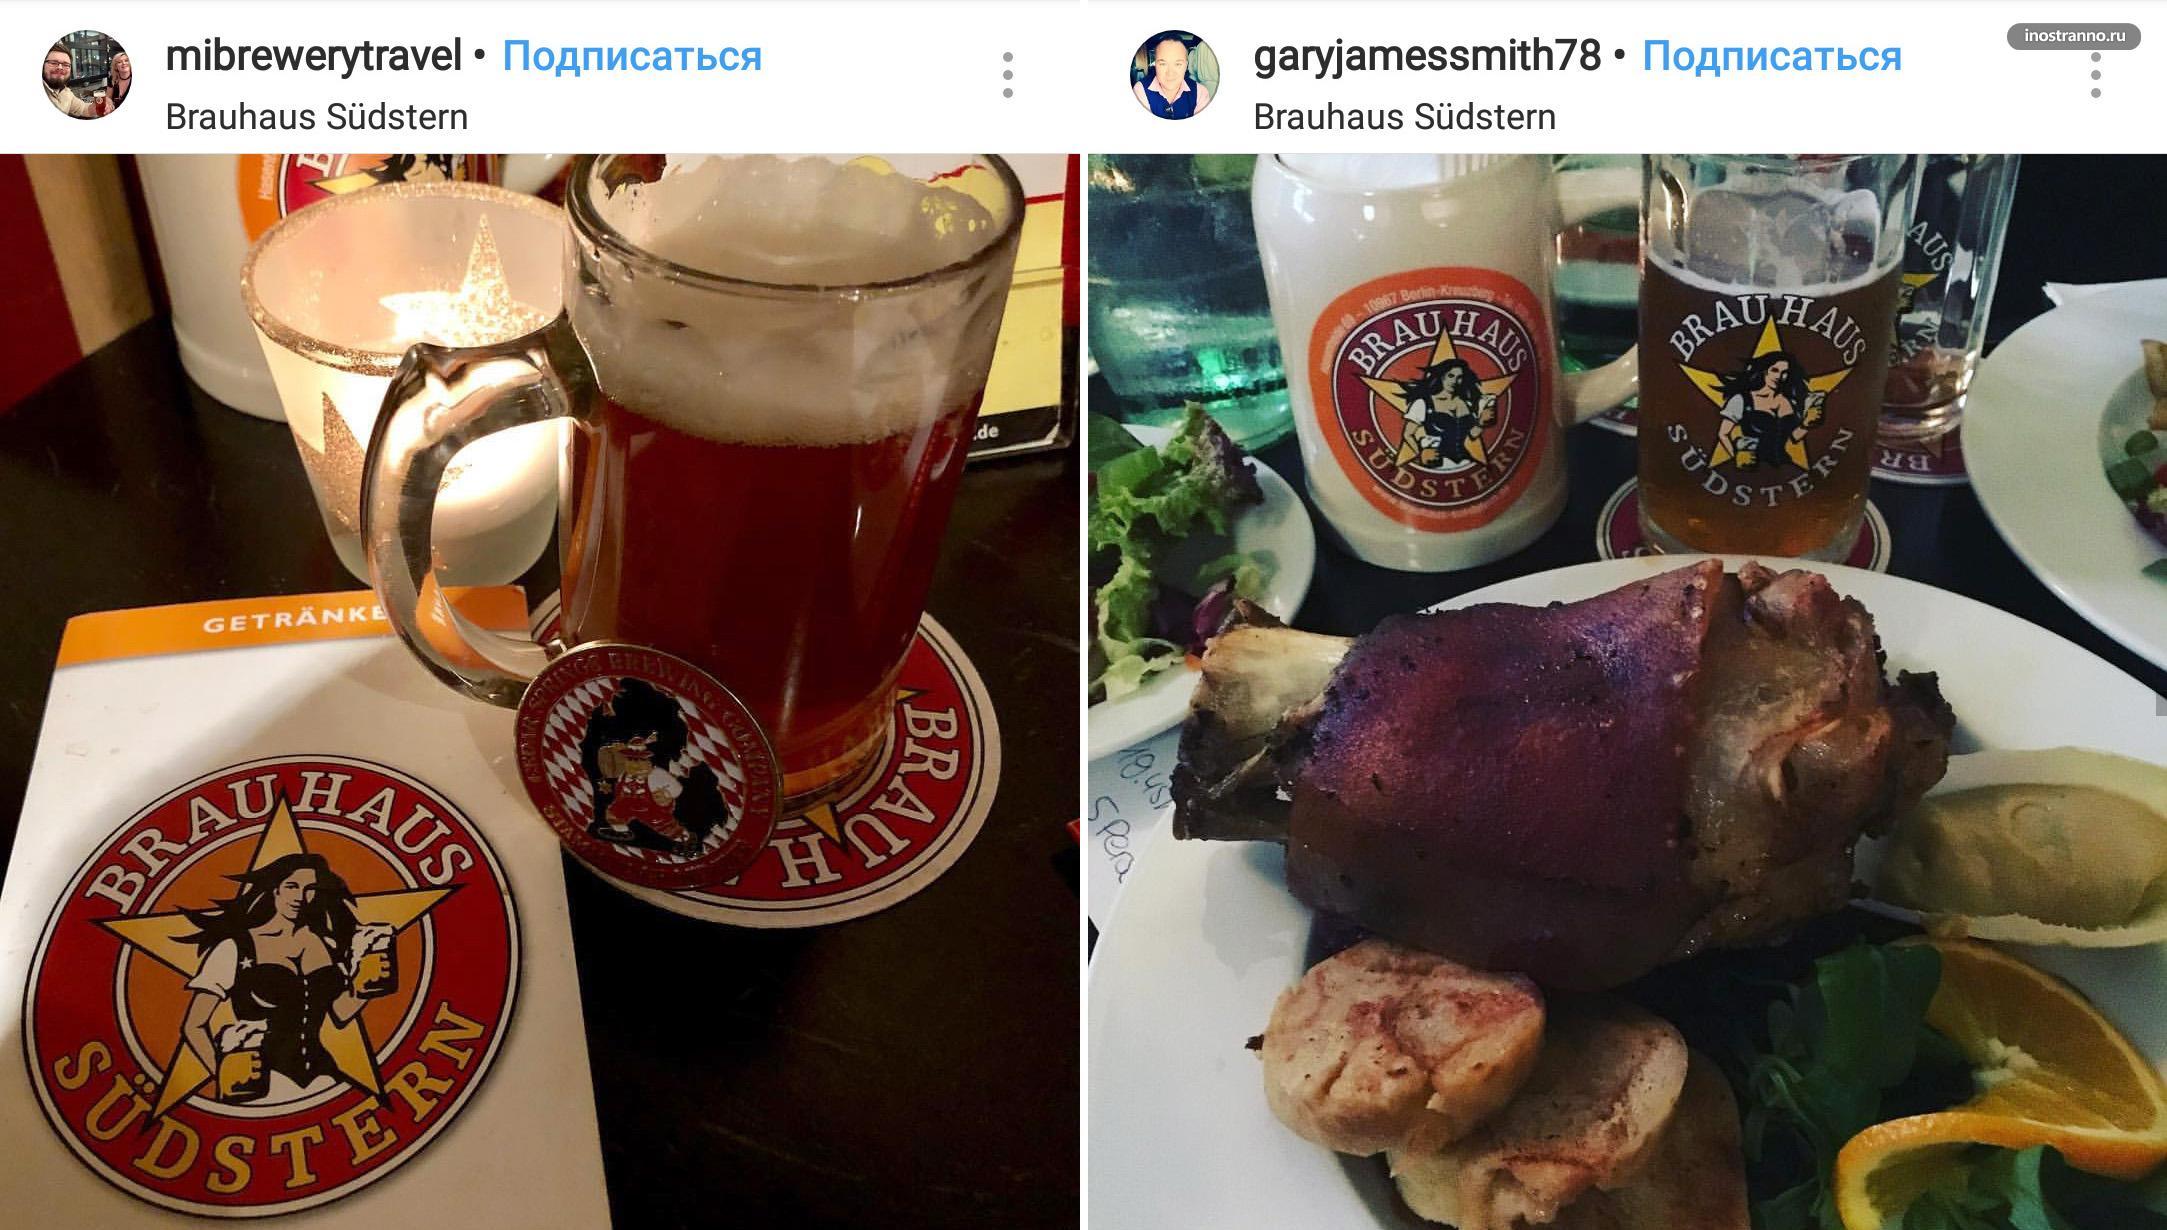 Brauhaus Sudstern ресторан бар с немецкой кухней и вкусным пивом